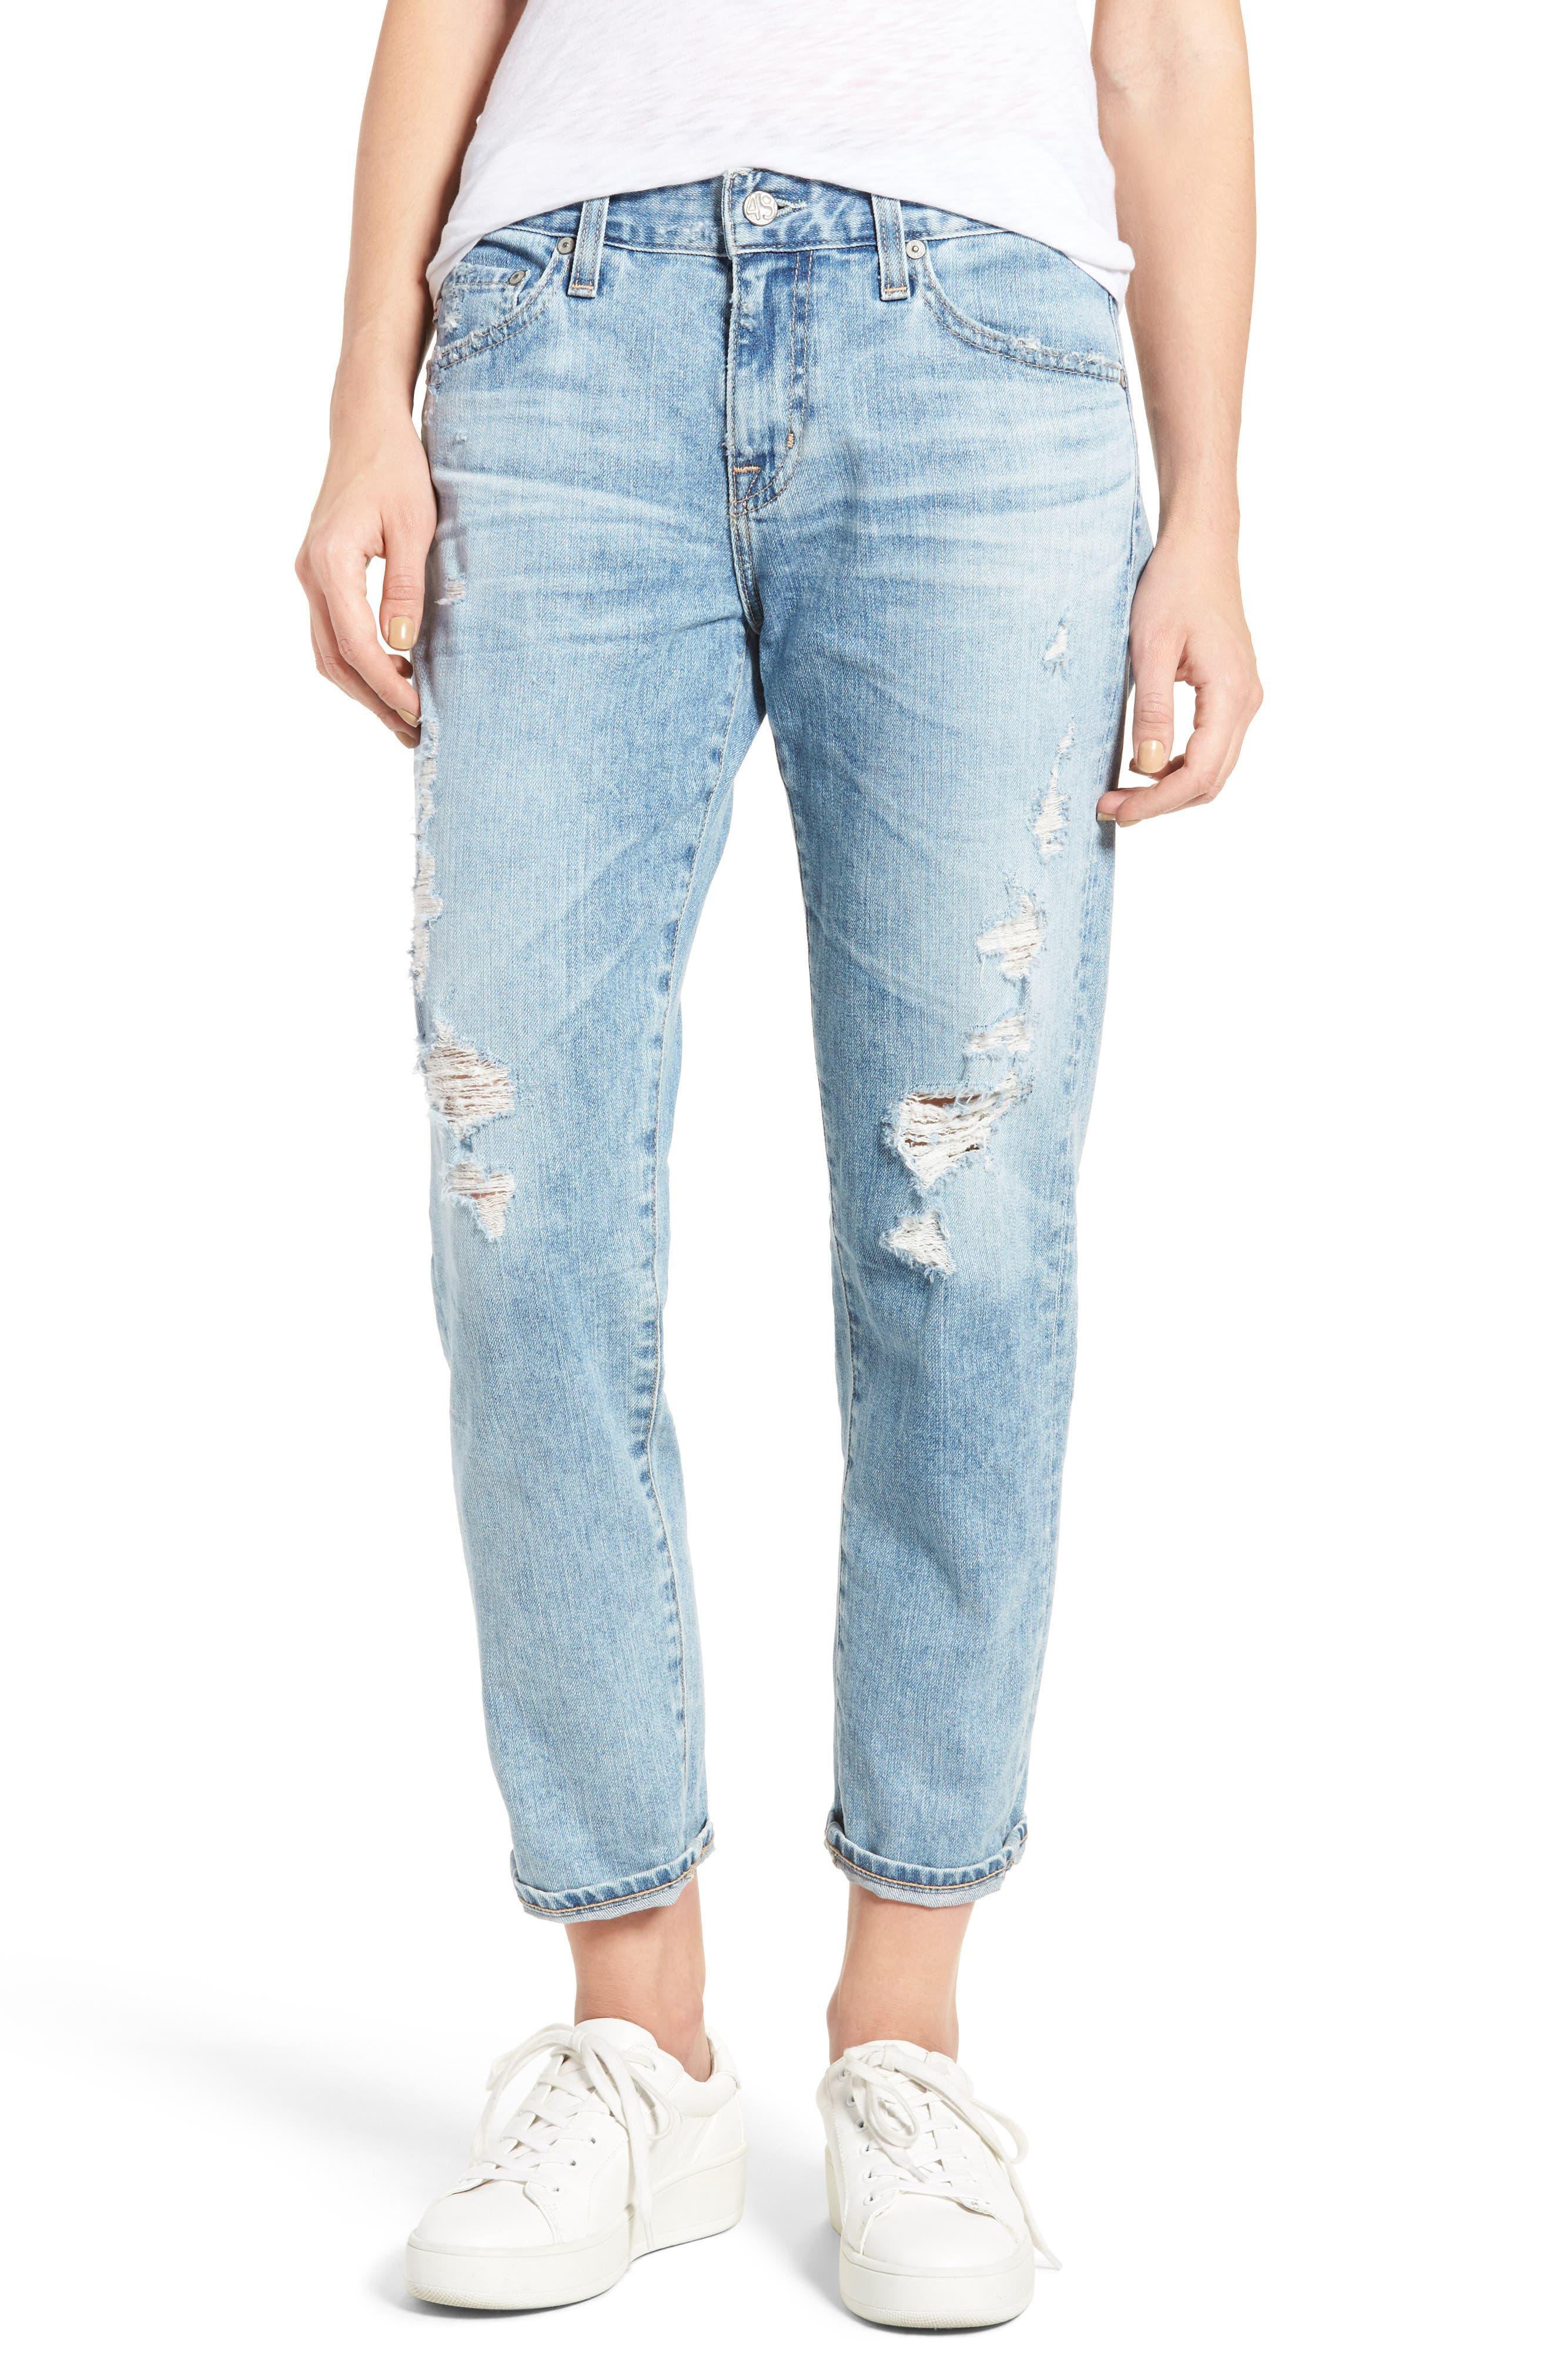 Alternate Image 1 Selected - AG Ex-Boyfriend Crop Slim Jeans (24 Years Relief)